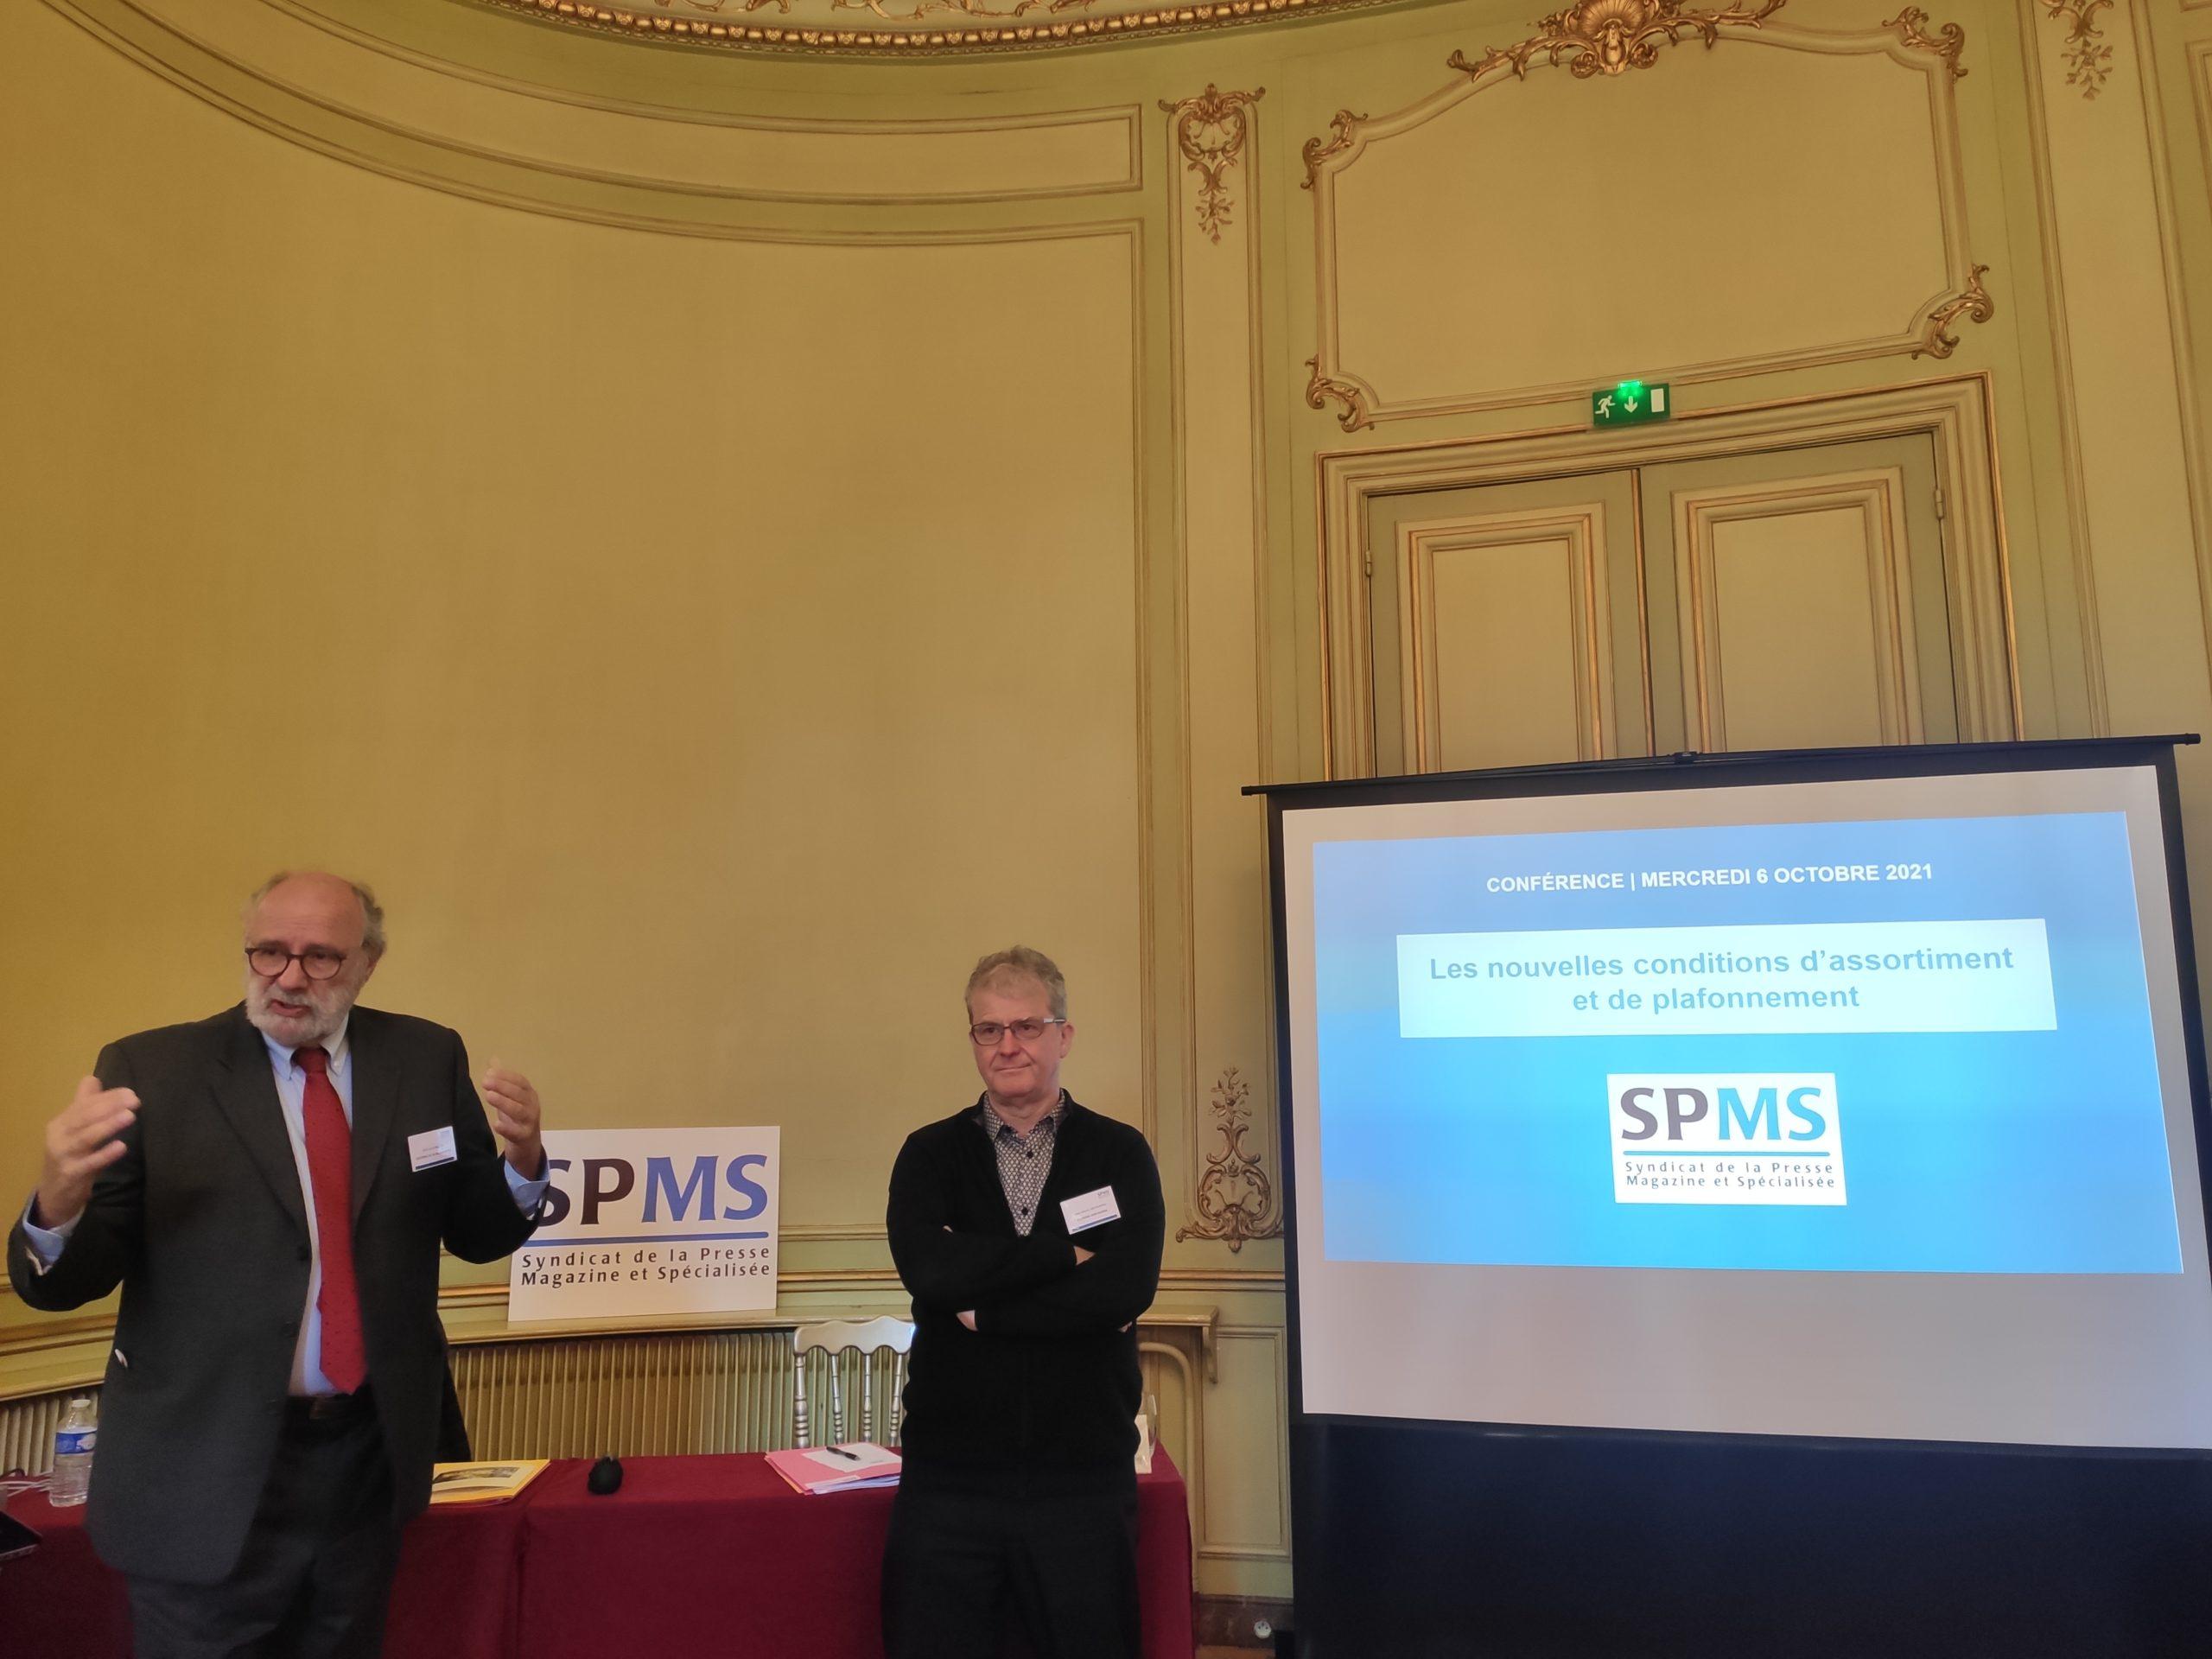 Conférence SPMS : les conditions d'assortiment et de plafonnement